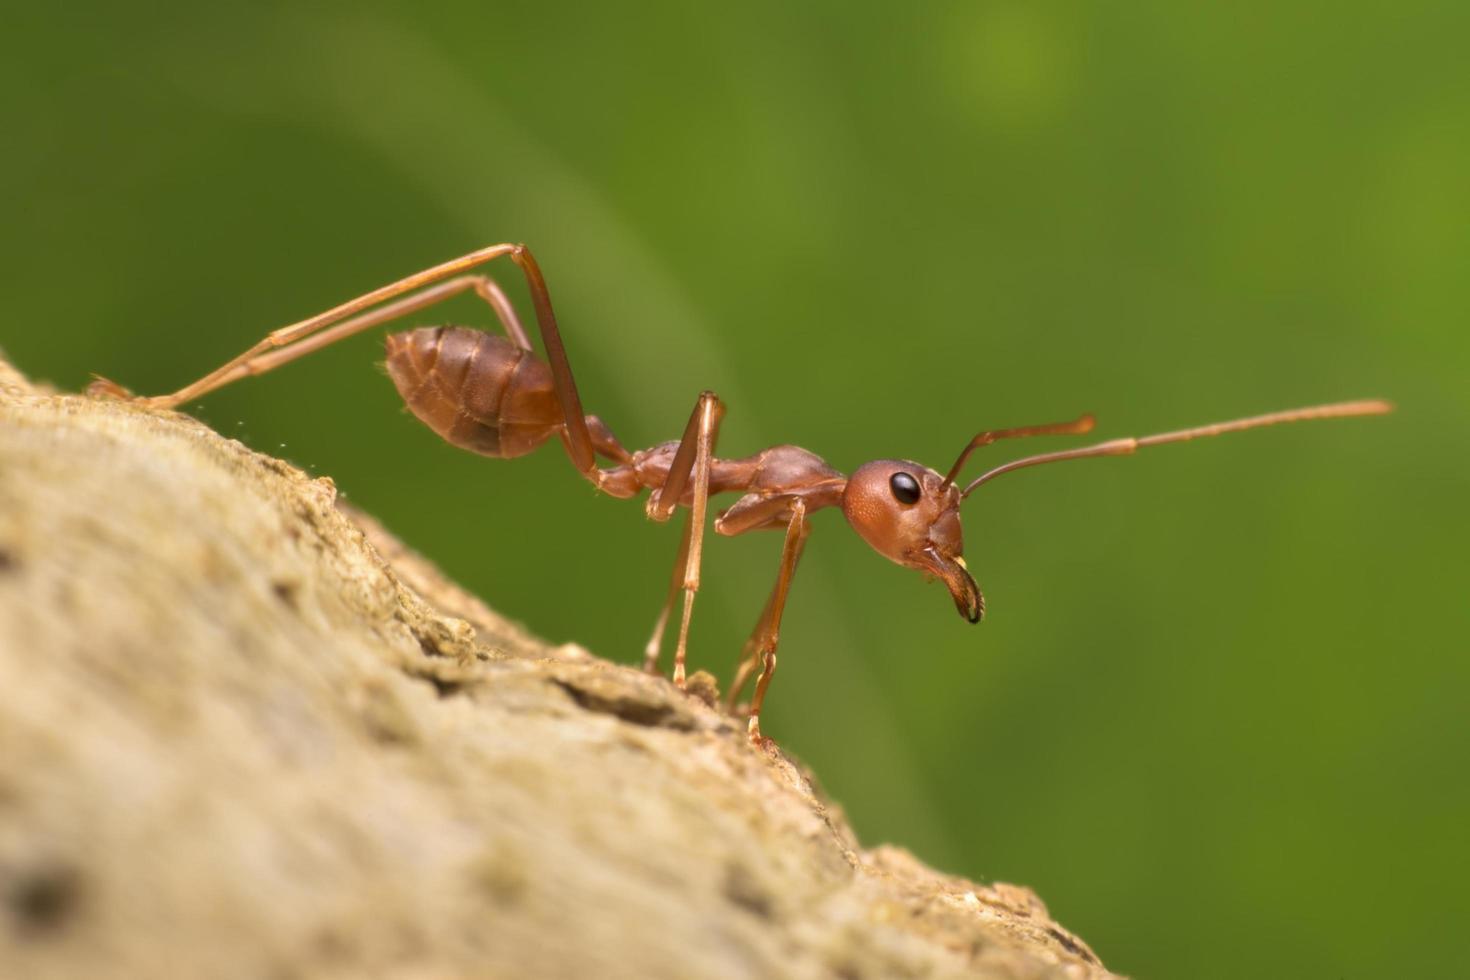 la formica rossa marcia verso il basso foto